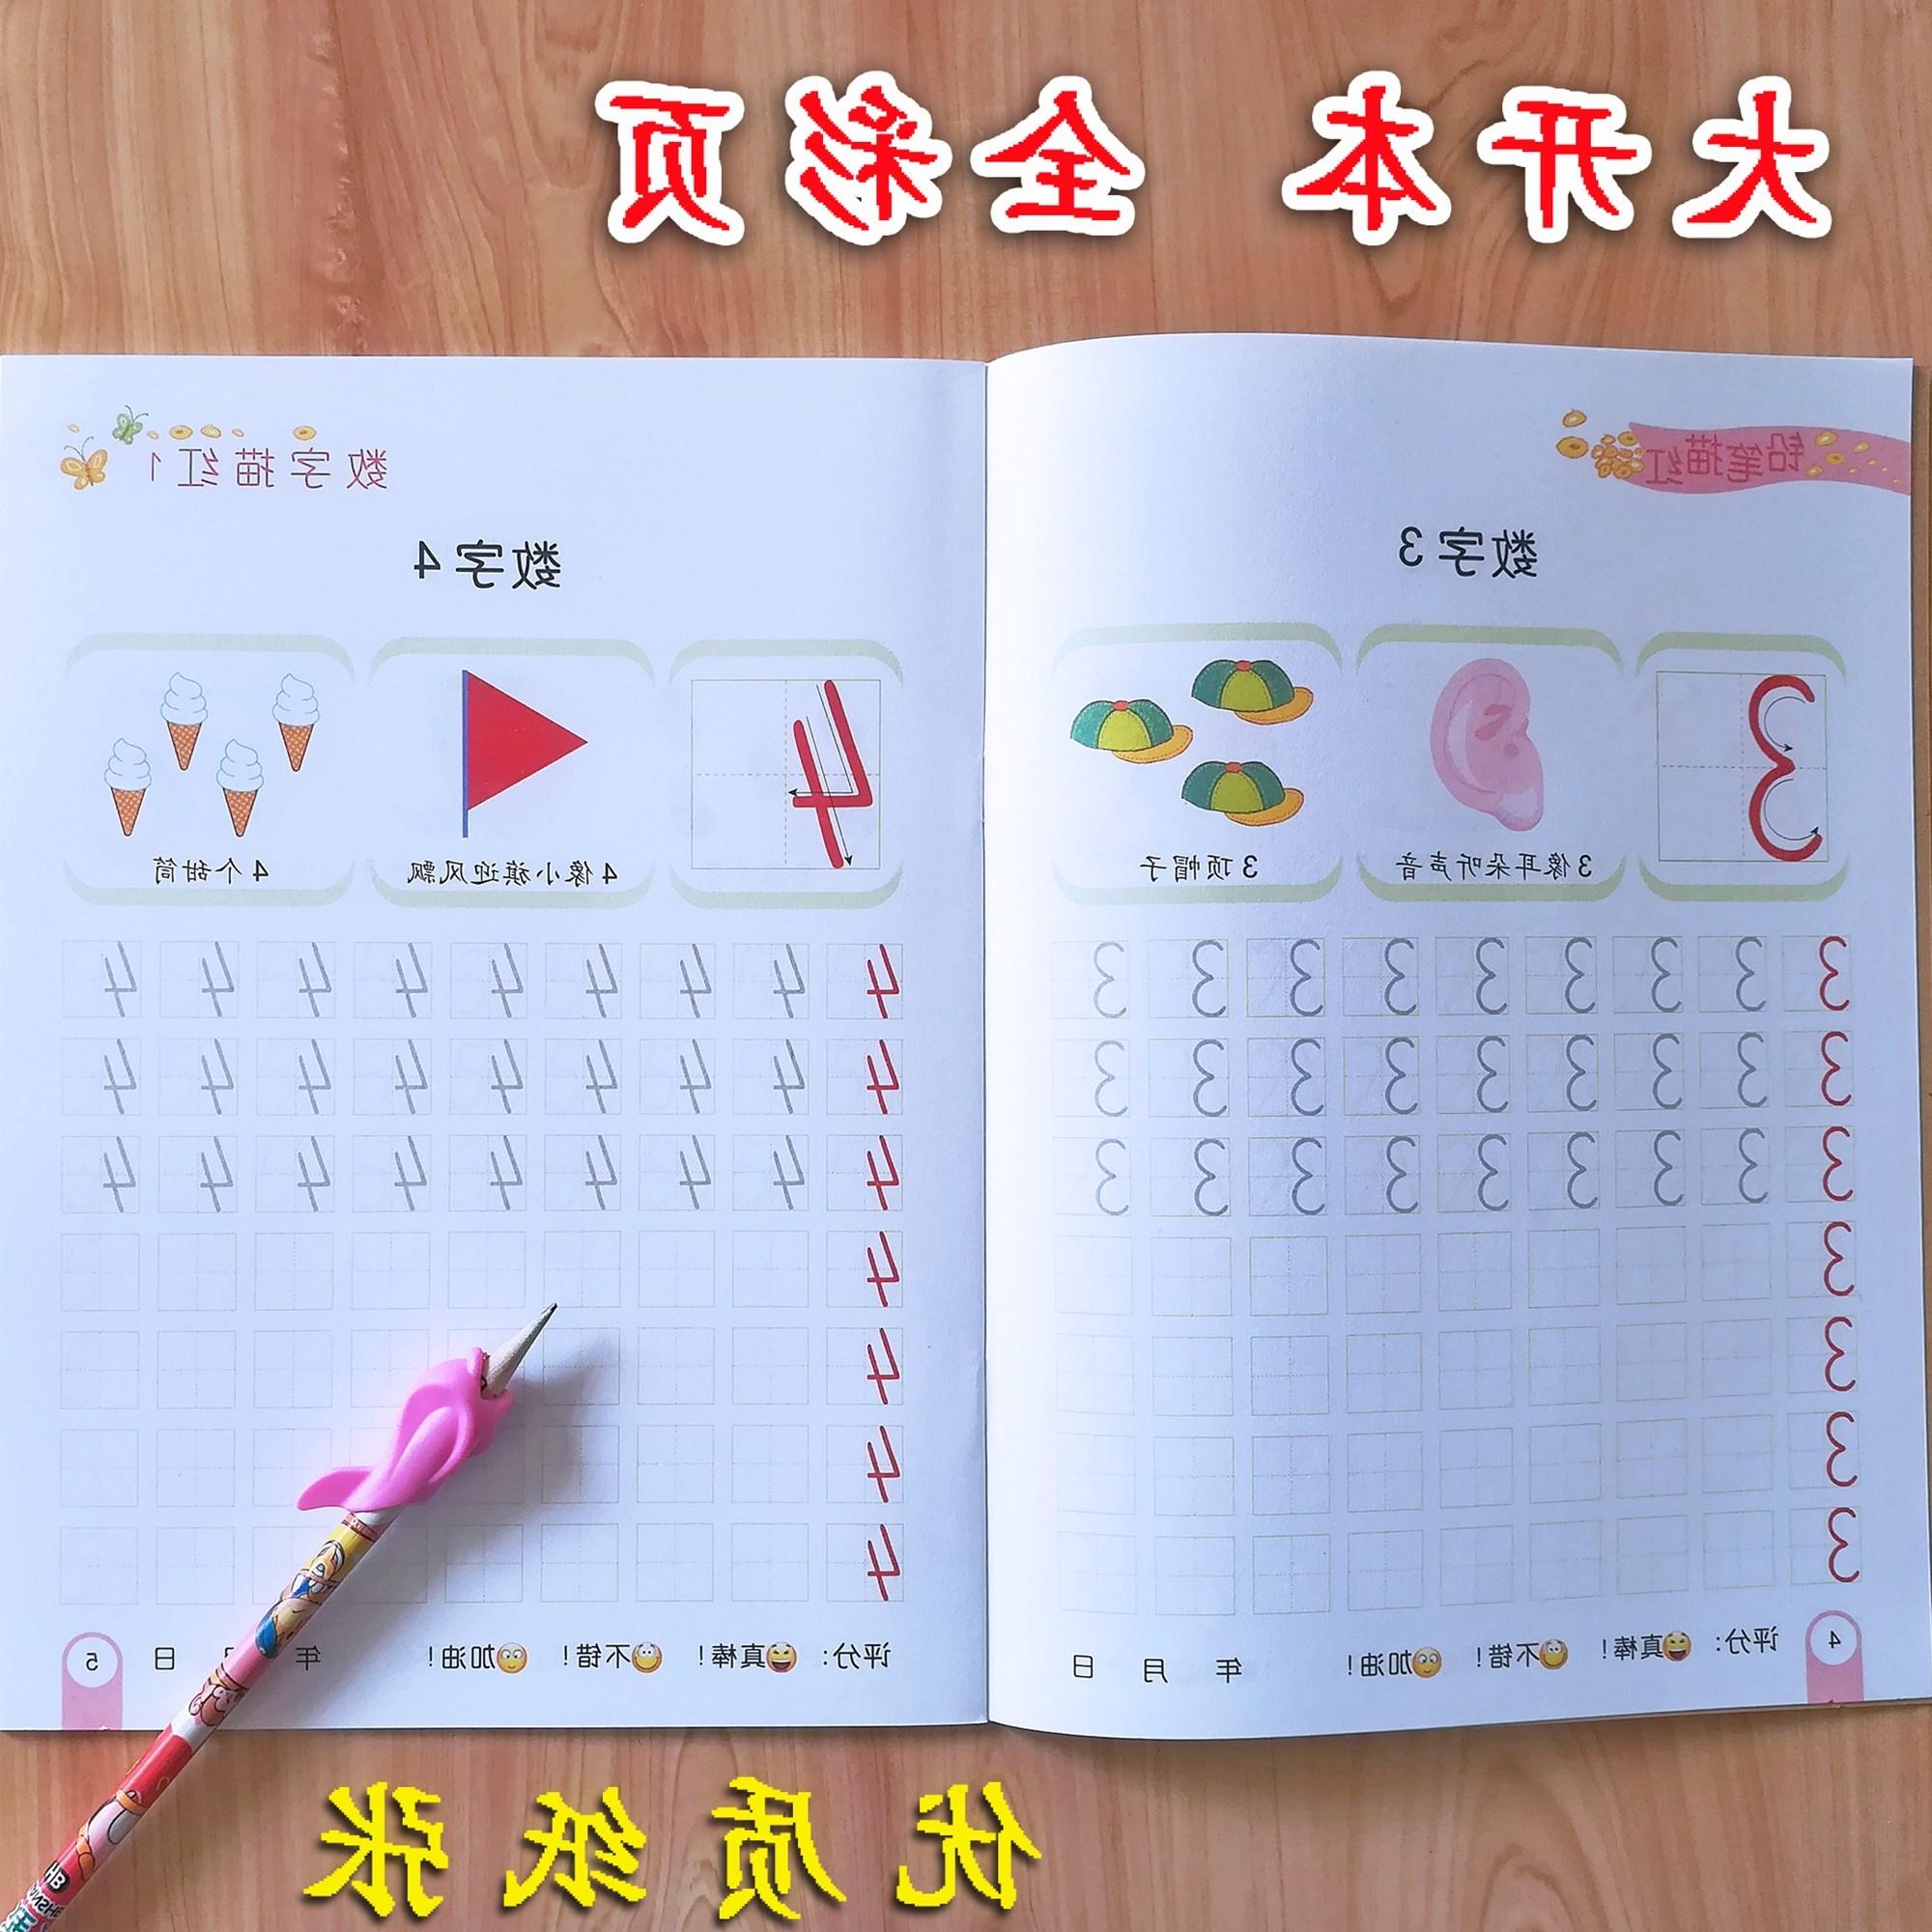 推荐最新幼儿拼音写字本 幼儿拼音本拼音格子信息资料图片